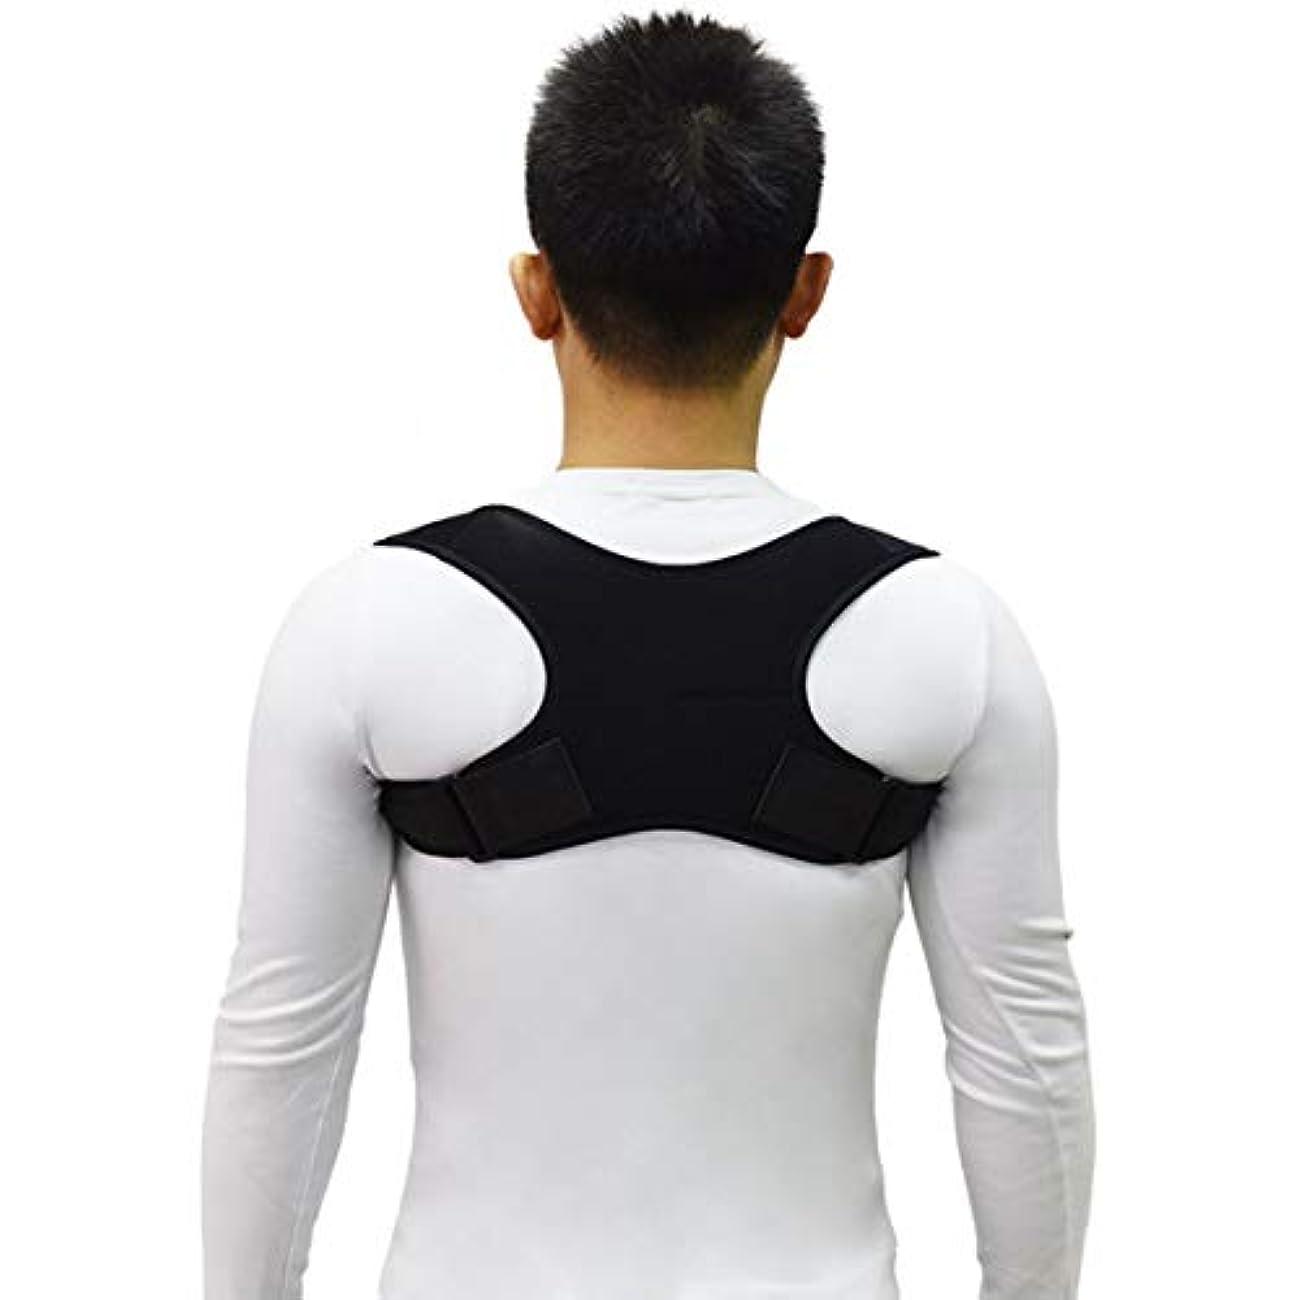 人ハウジング知覚する新しいアッパーバックポスチャーコレクター姿勢鎖骨サポートコレクターバックストレートショルダーブレースストラップコレクター - ブラック